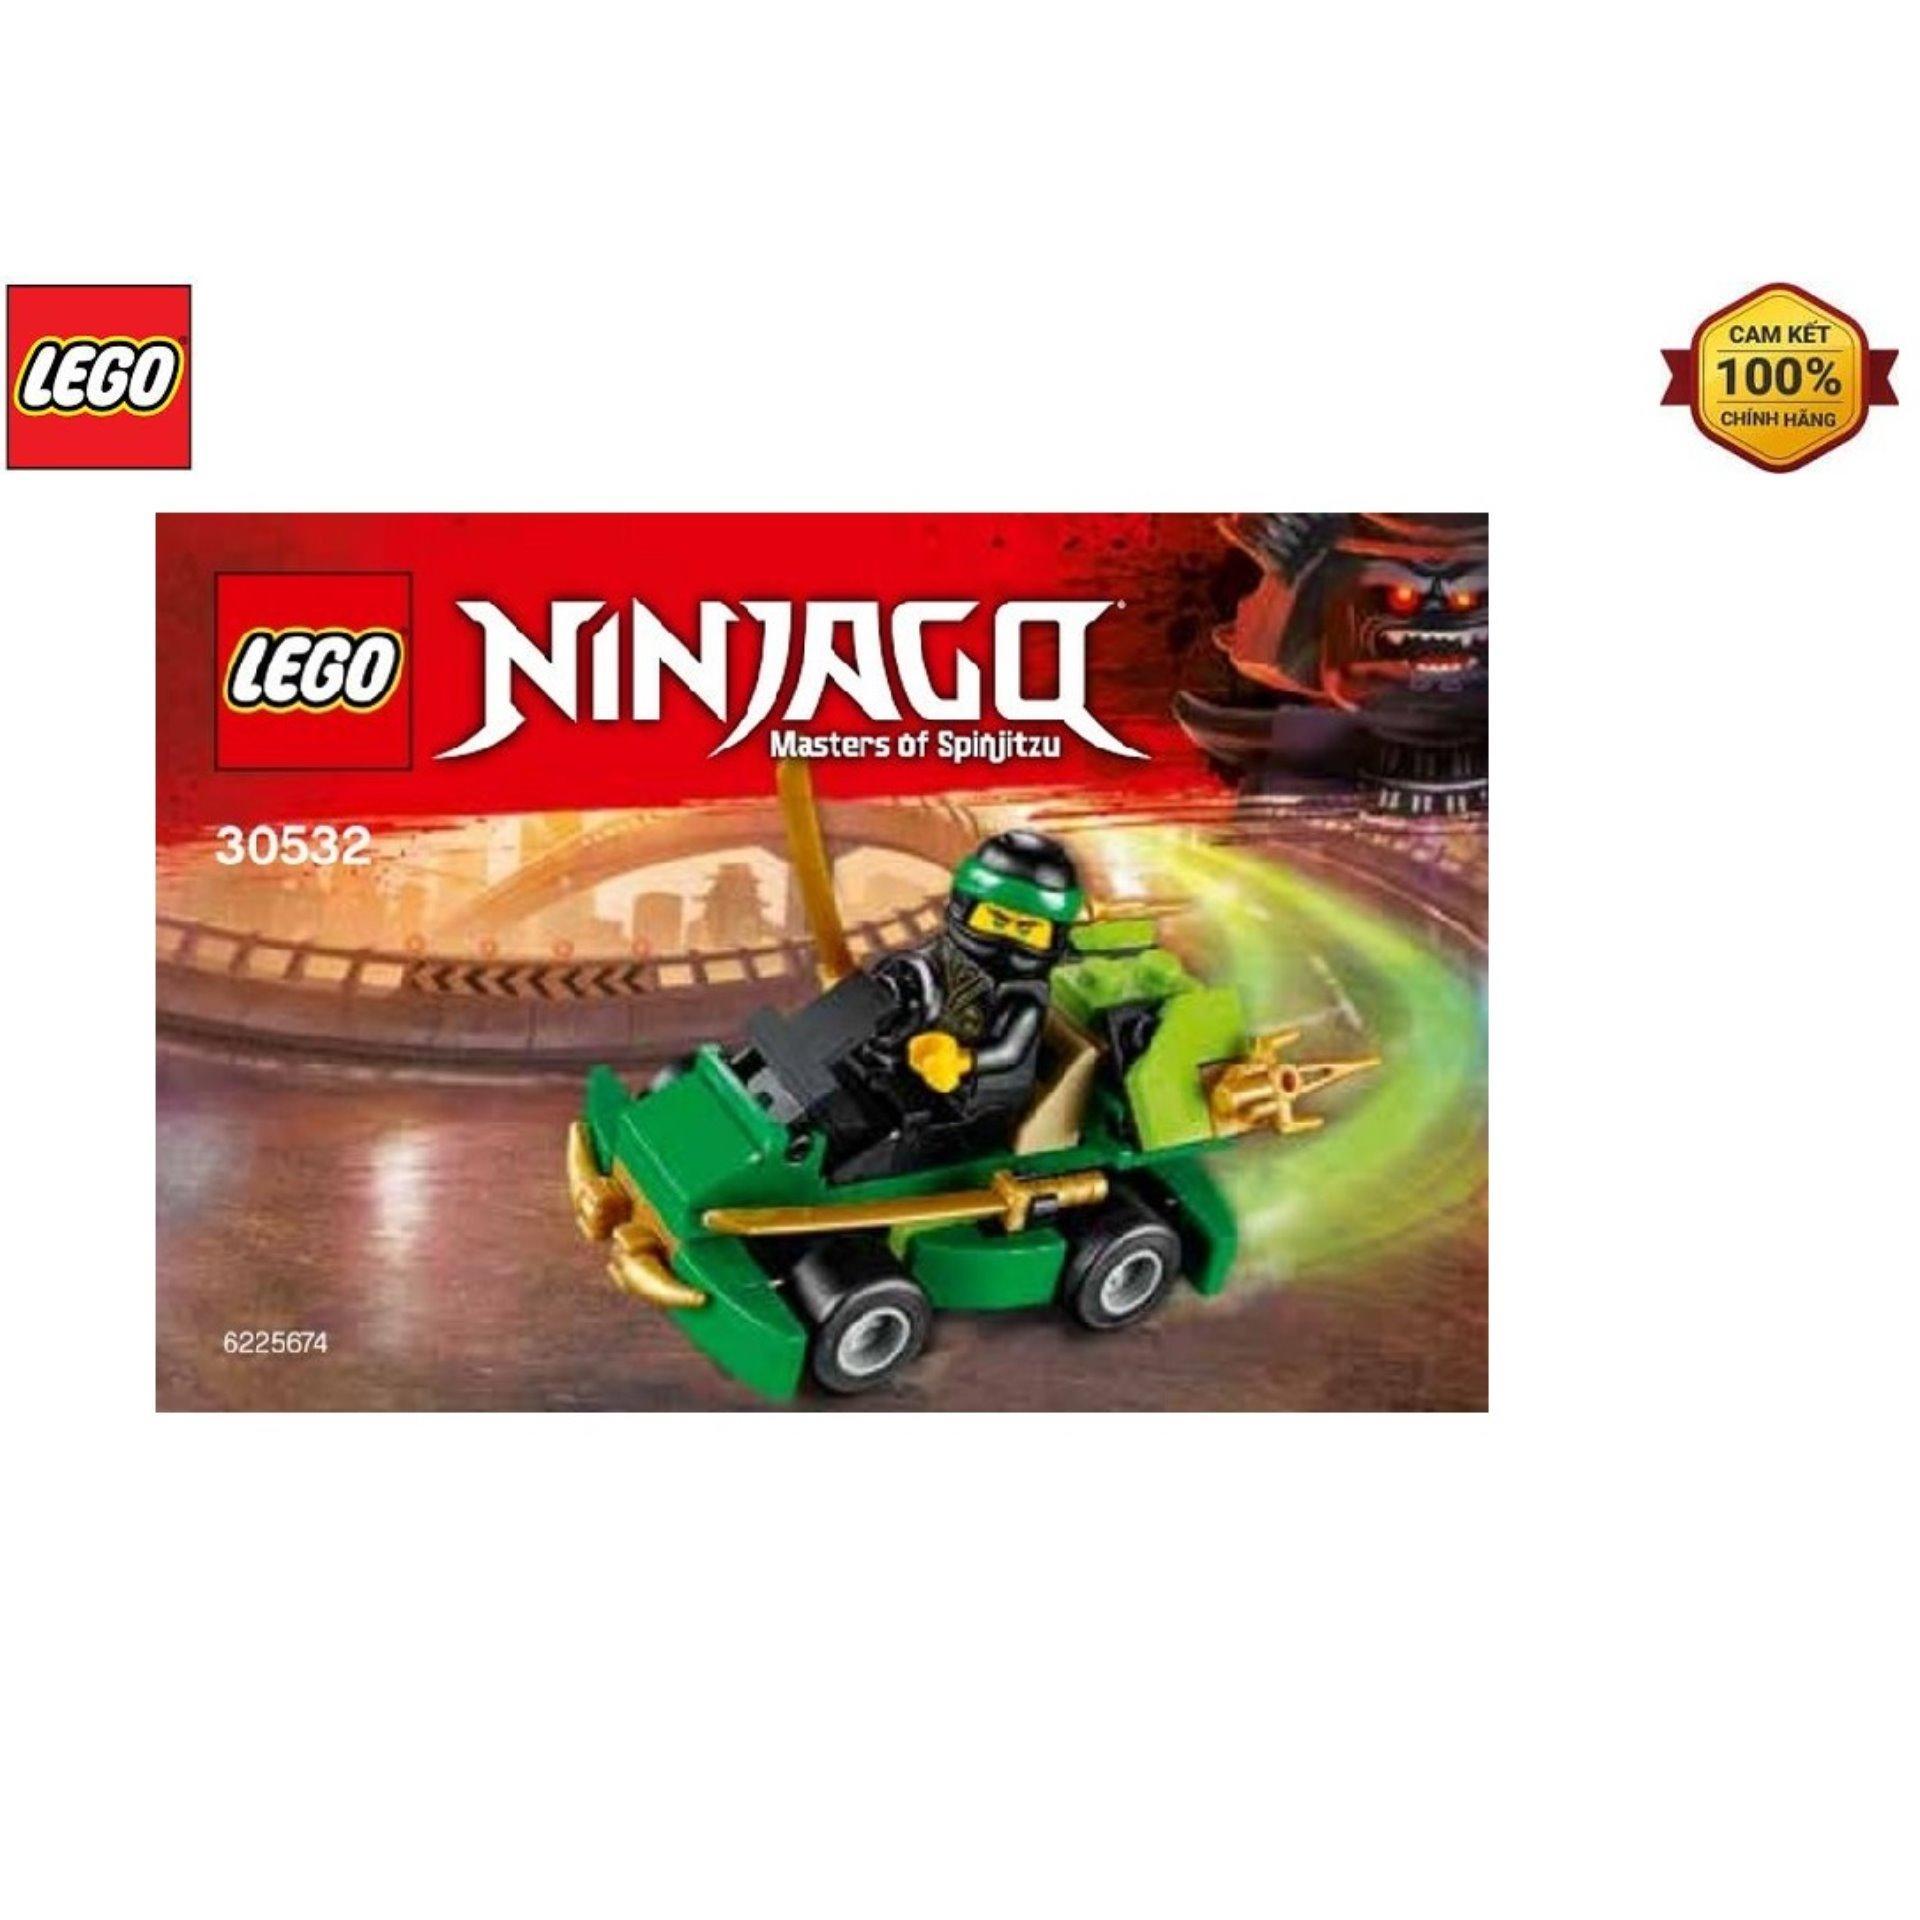 Giá Cực Sốc Khi Mua Bộ Lắp Ráp LEGO Xe Chiến Đấu Của Lloyd